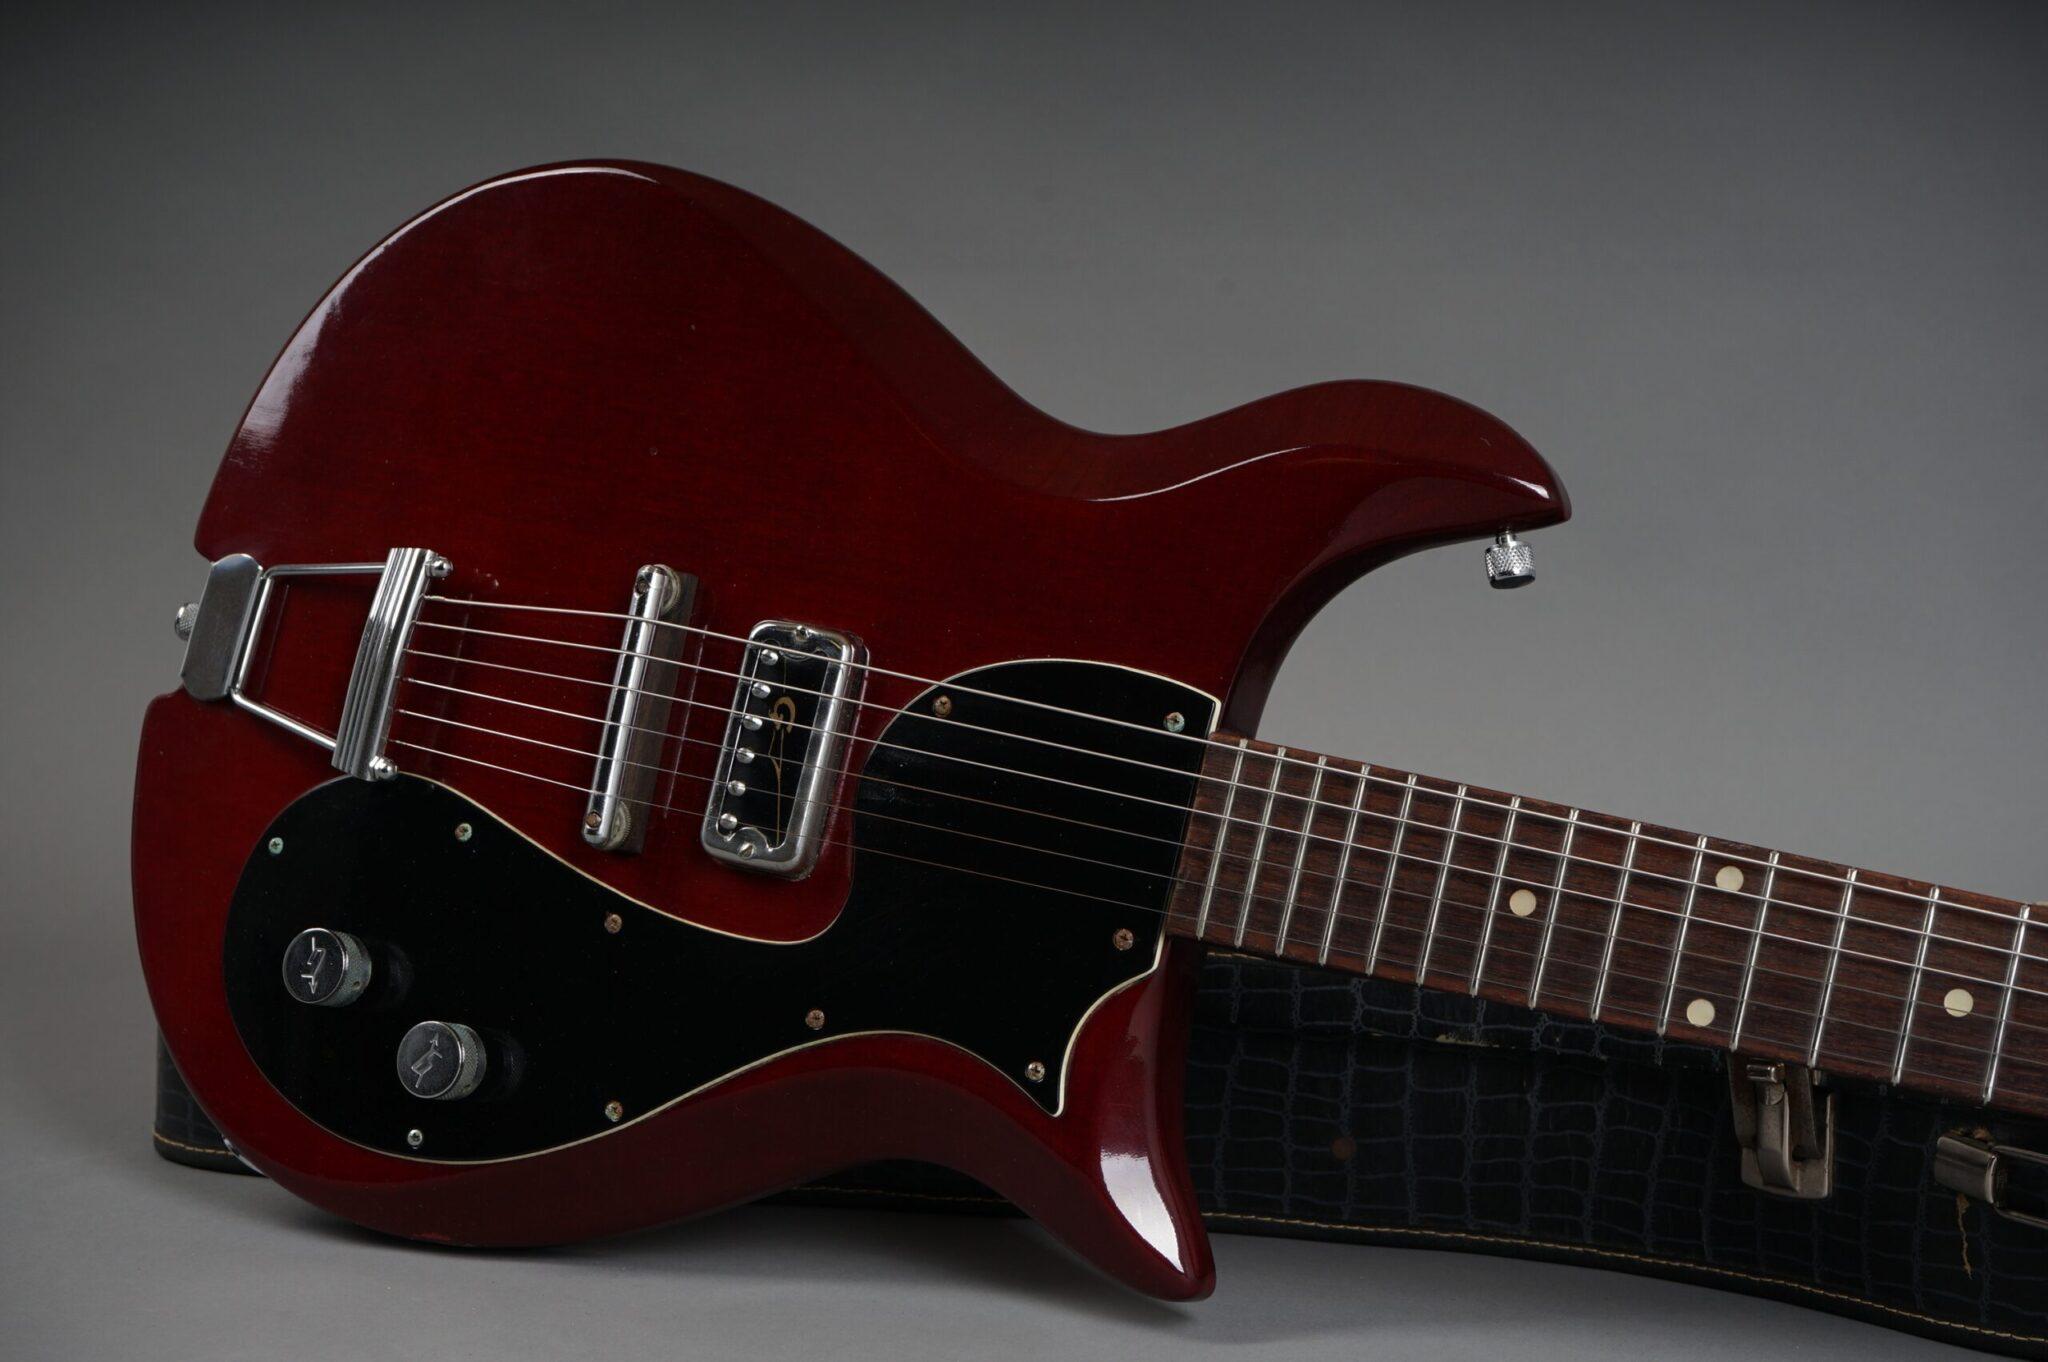 https://guitarpoint.de/app/uploads/products/1964-gretsch-corvette-6134-cherry/1964-Gretsch-Corvette-Cherry-76564-19-scaled-2048x1362.jpg